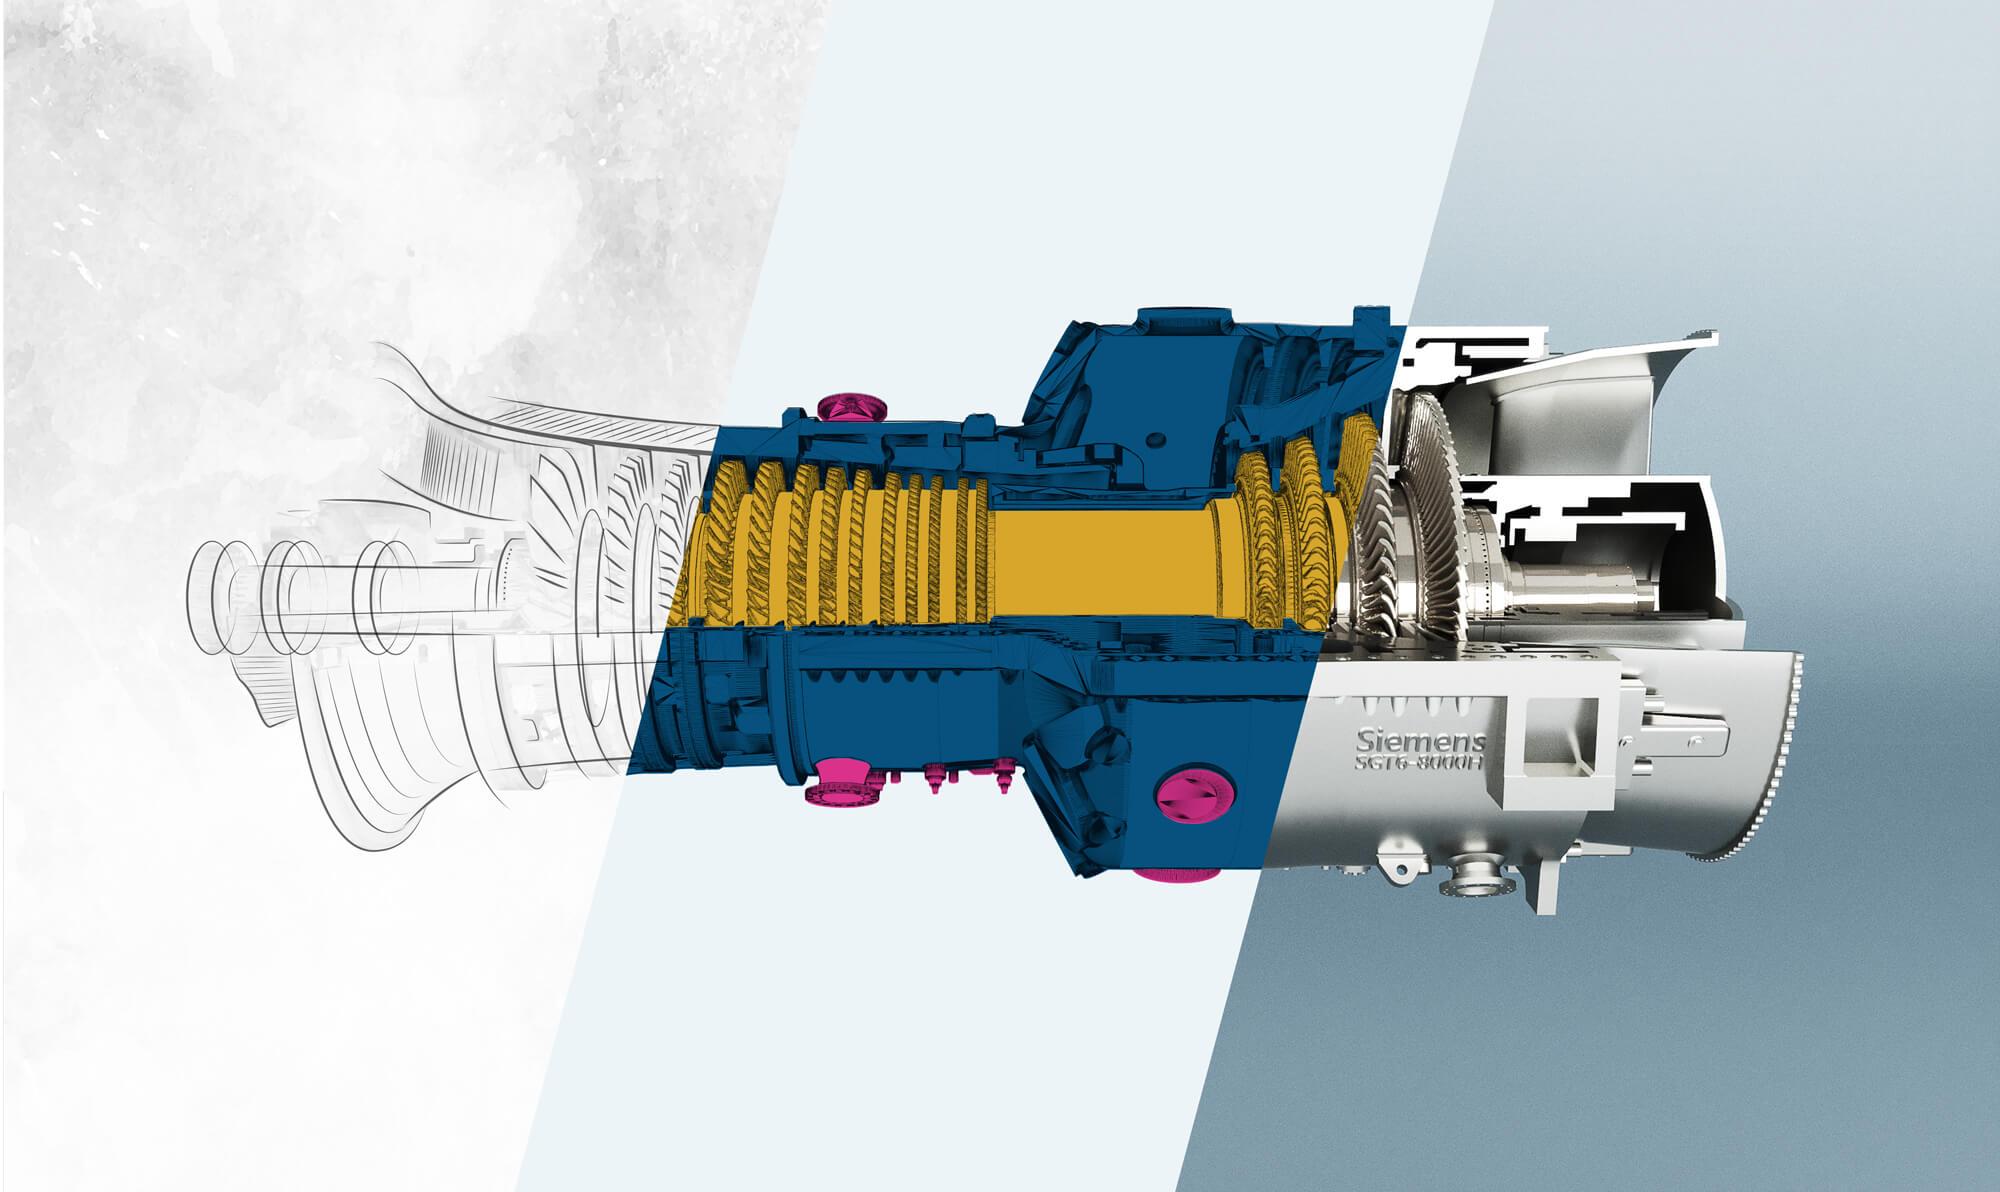 The Siemens SGT6-8000 H gas turbine. Image via H+E-Produktentwicklung.